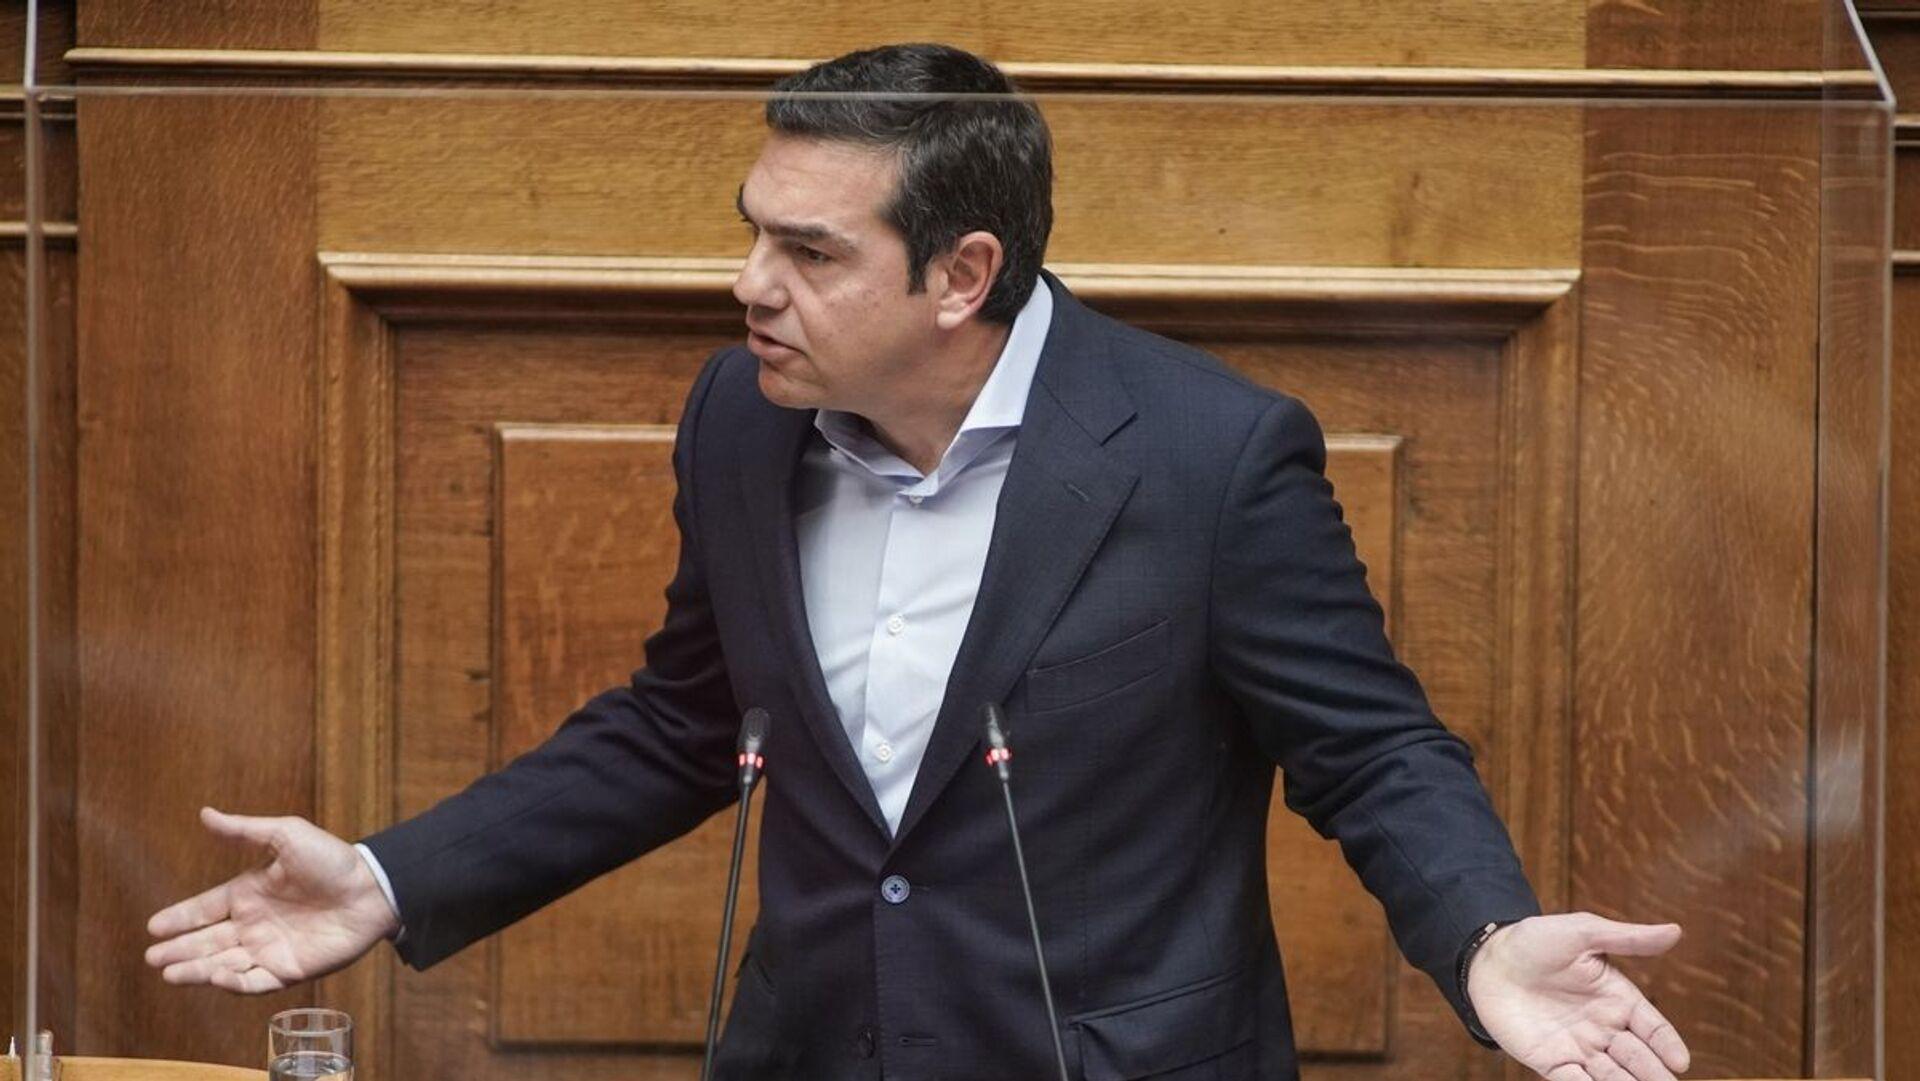 Αλέξης Τσίπρας στη Βουλή - Sputnik Ελλάδα, 1920, 27.07.2021